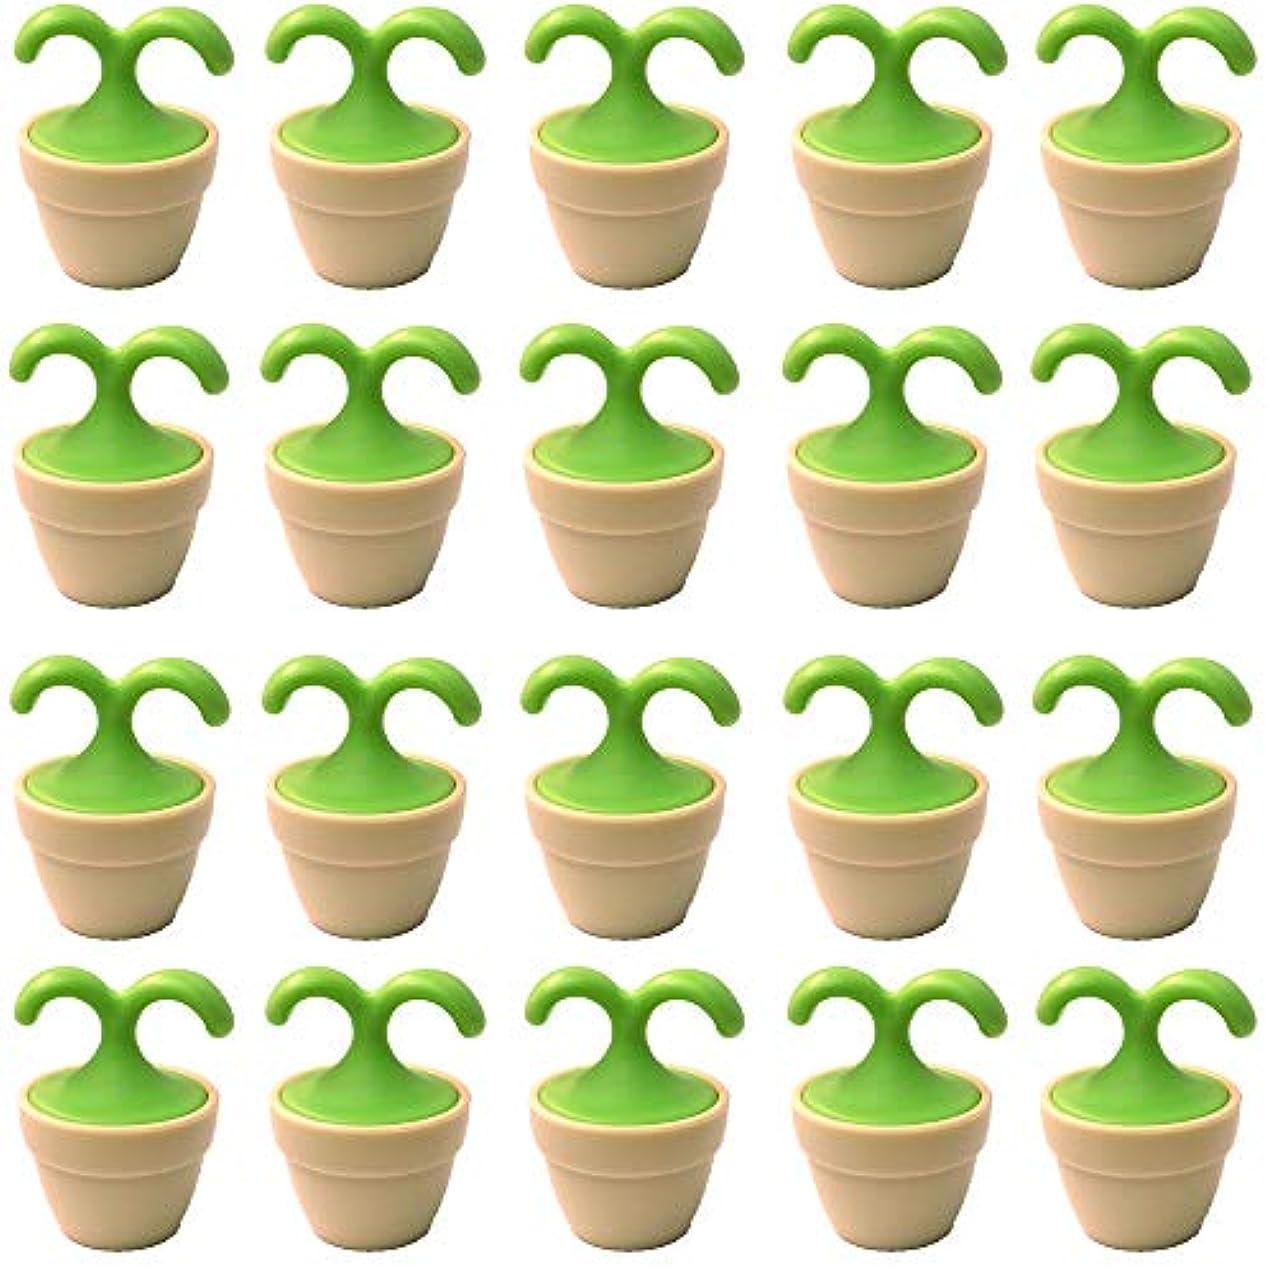 テレックス太陽まろやかな植木鉢コロコロマッサージャー 20個入り 退職転勤お礼プチギフト 専用ボックス入りラッピング サンキューシール付き(20個入り)